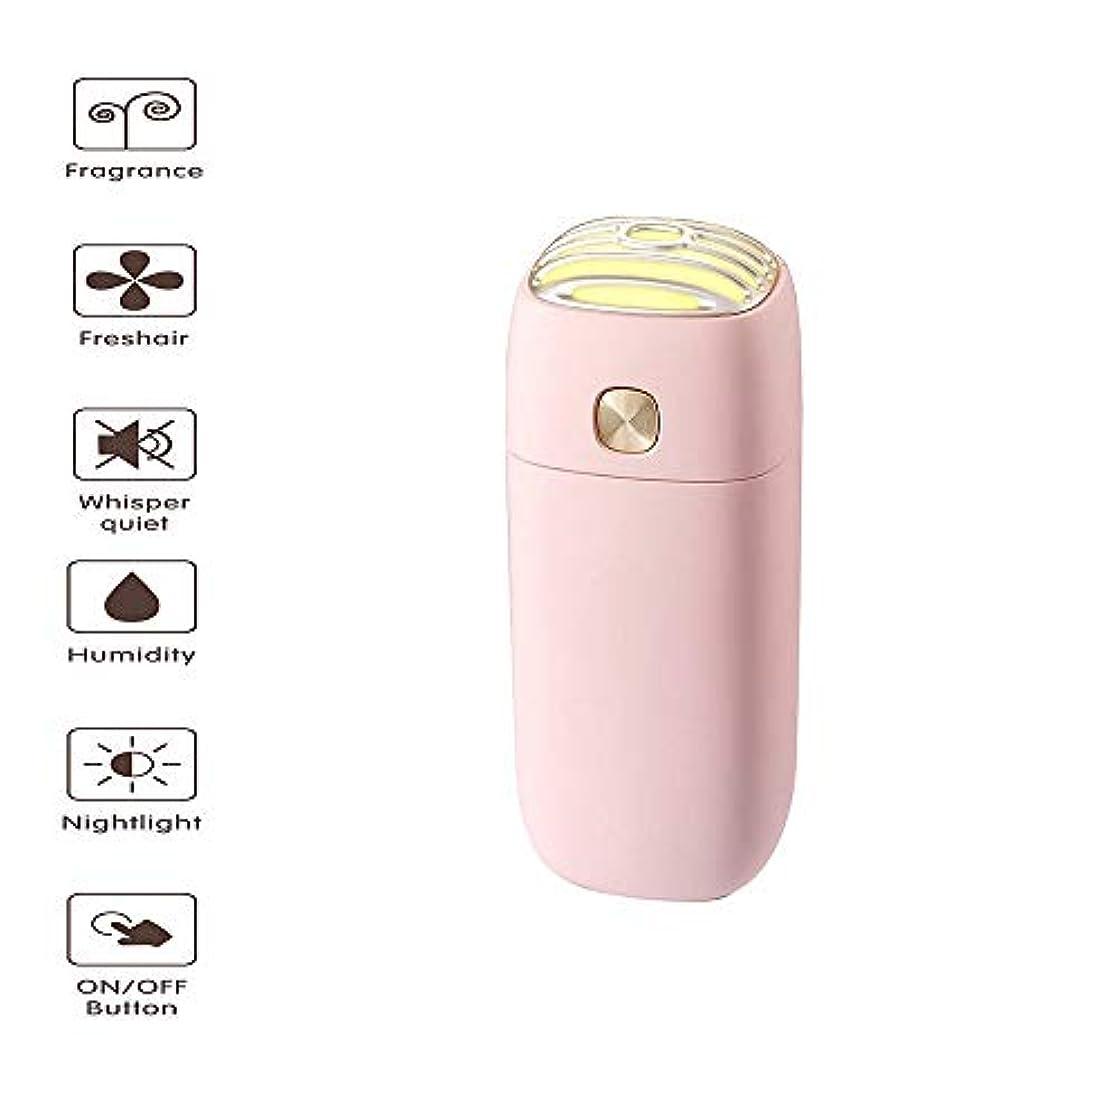 盆追い出すフィクションアロマセラピーエッセンシャルオイルディフューザー芳香加湿器タイマーと水なし自動消灯LEDナイトライト空気清浄機ヨガ - ホーム,Pink